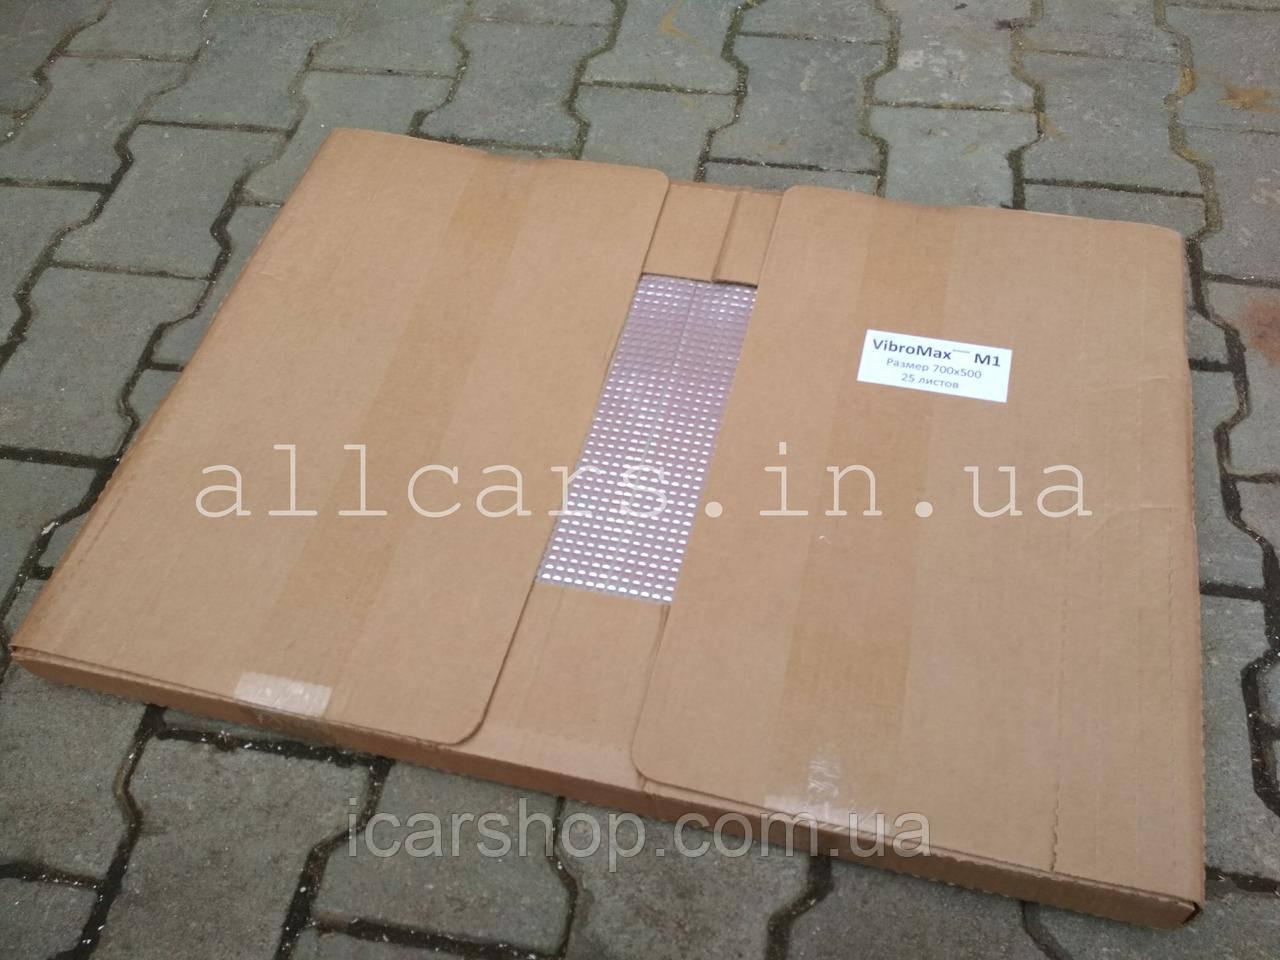 Виброизоляция VibroMax M1, 1мм, размер:1лист=0.35 кв.м (50х70см), пачка=8,75кв.м(25 листов) Вес упаковки 18кг